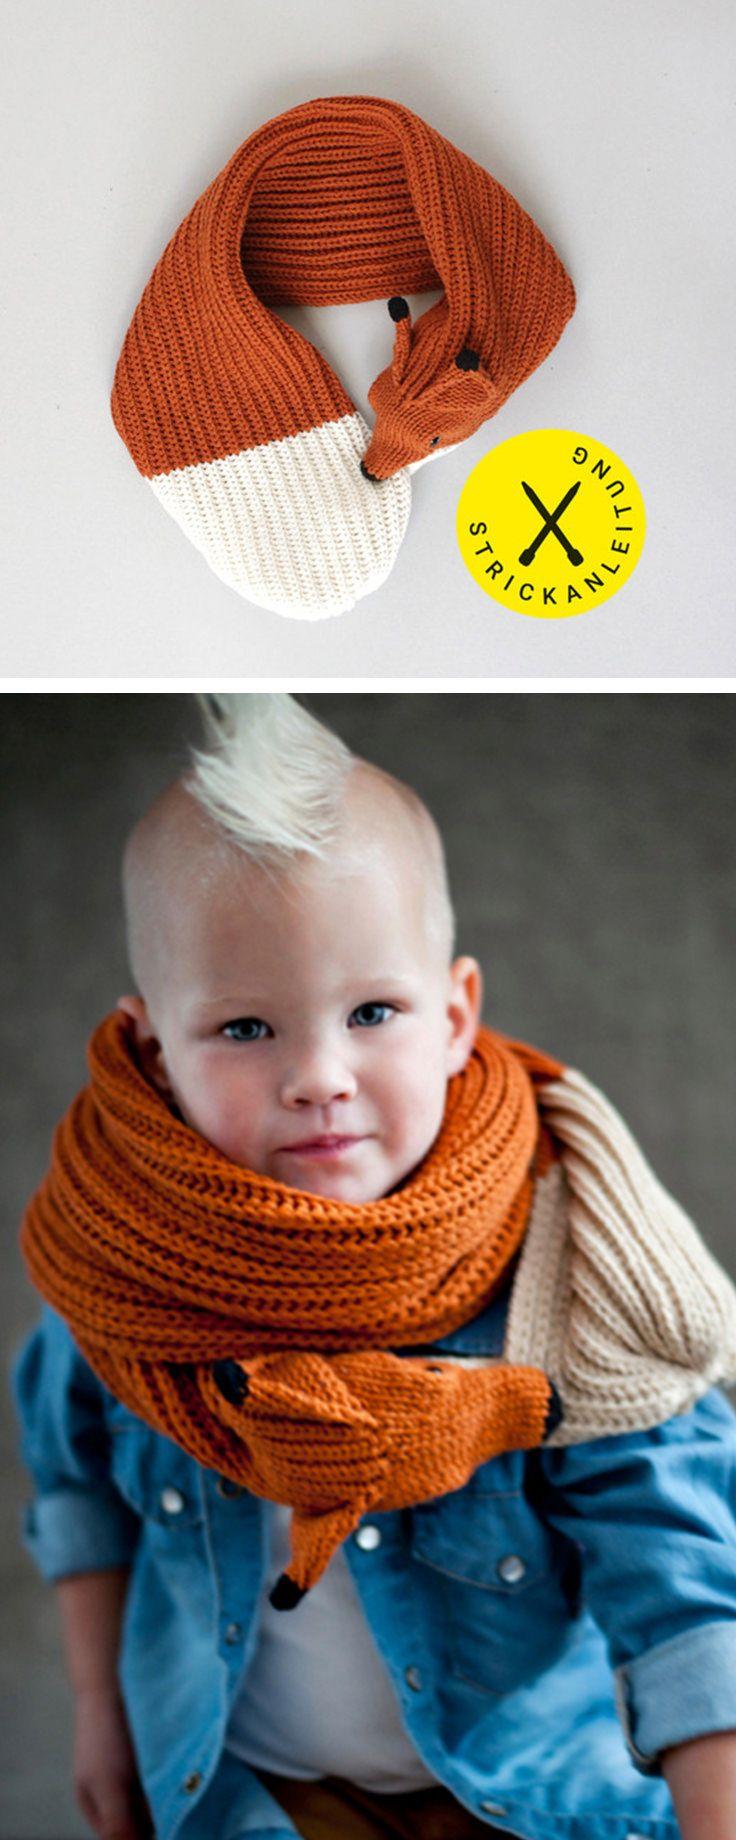 Strickanleitung Für Einen Fuchs Schal Für Kinder Selbstgemachte